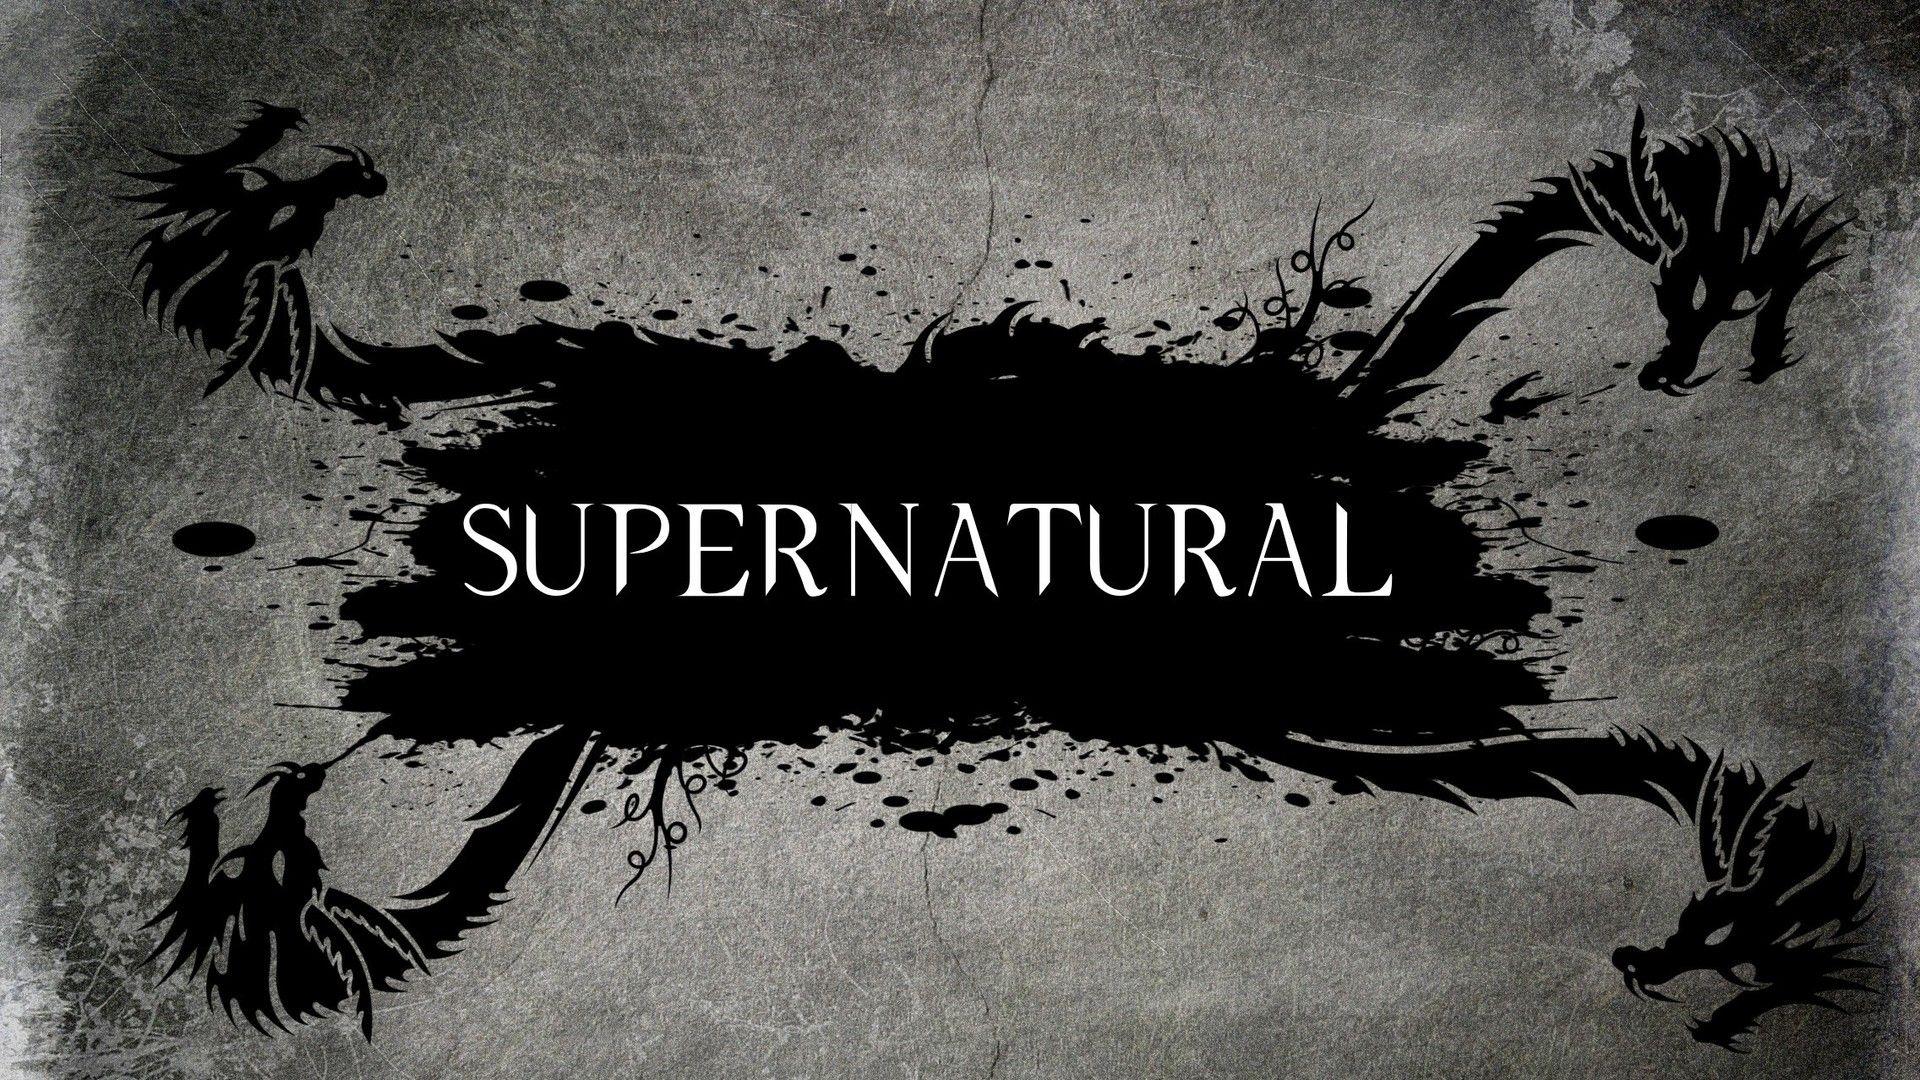 Supernatural Logo Übernatürlich, Supernatural